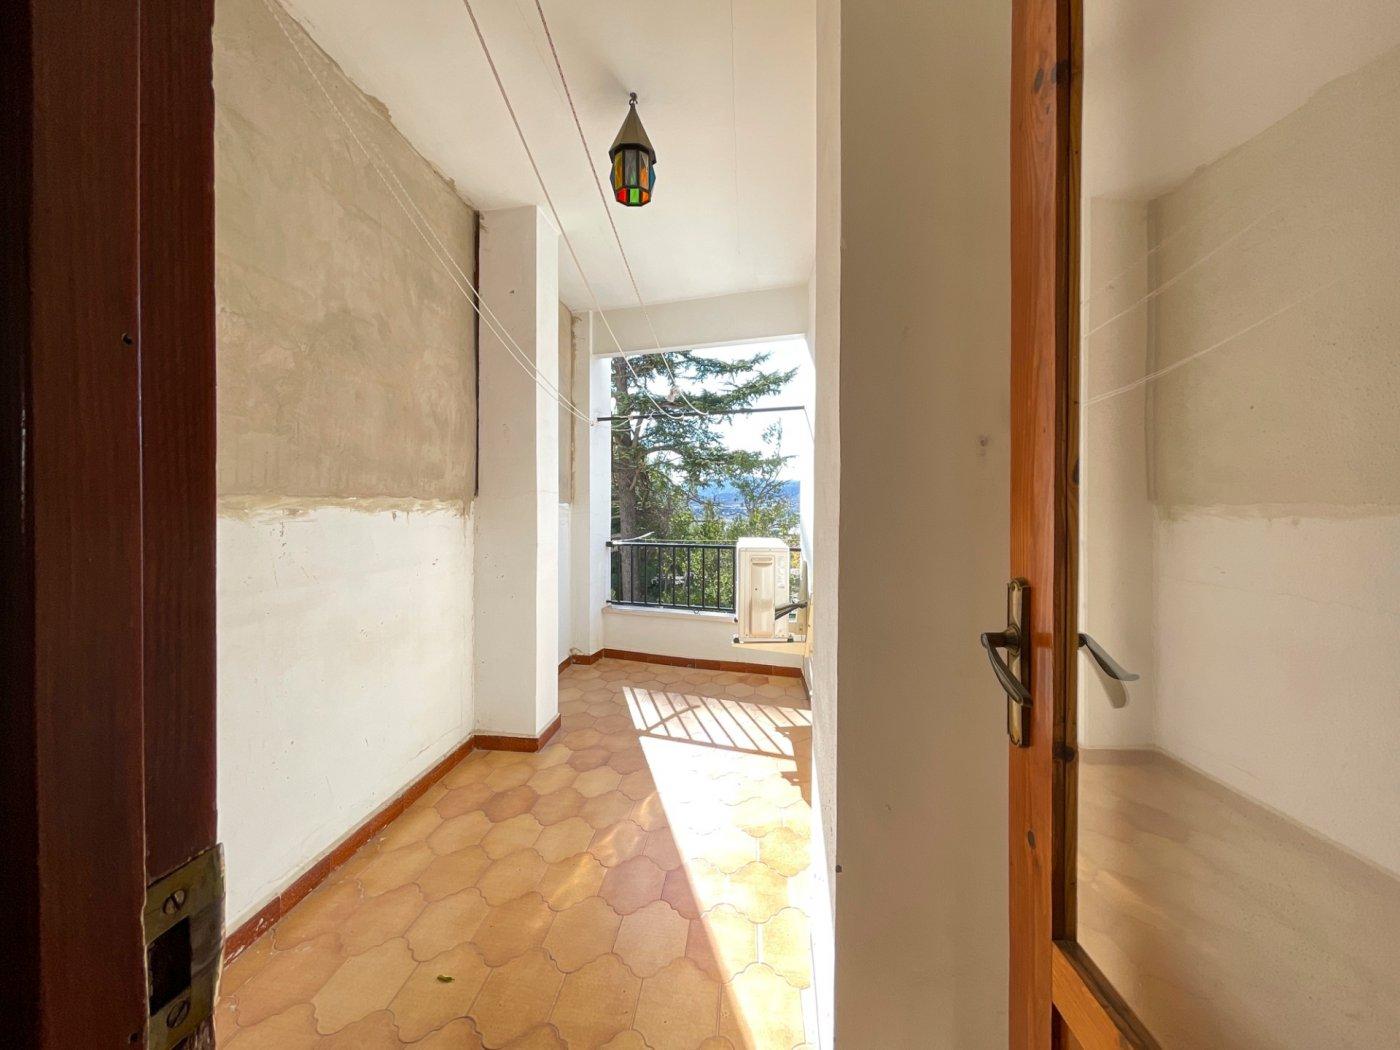 Magnifica casa con garaje en centro de onil - imagenInmueble30